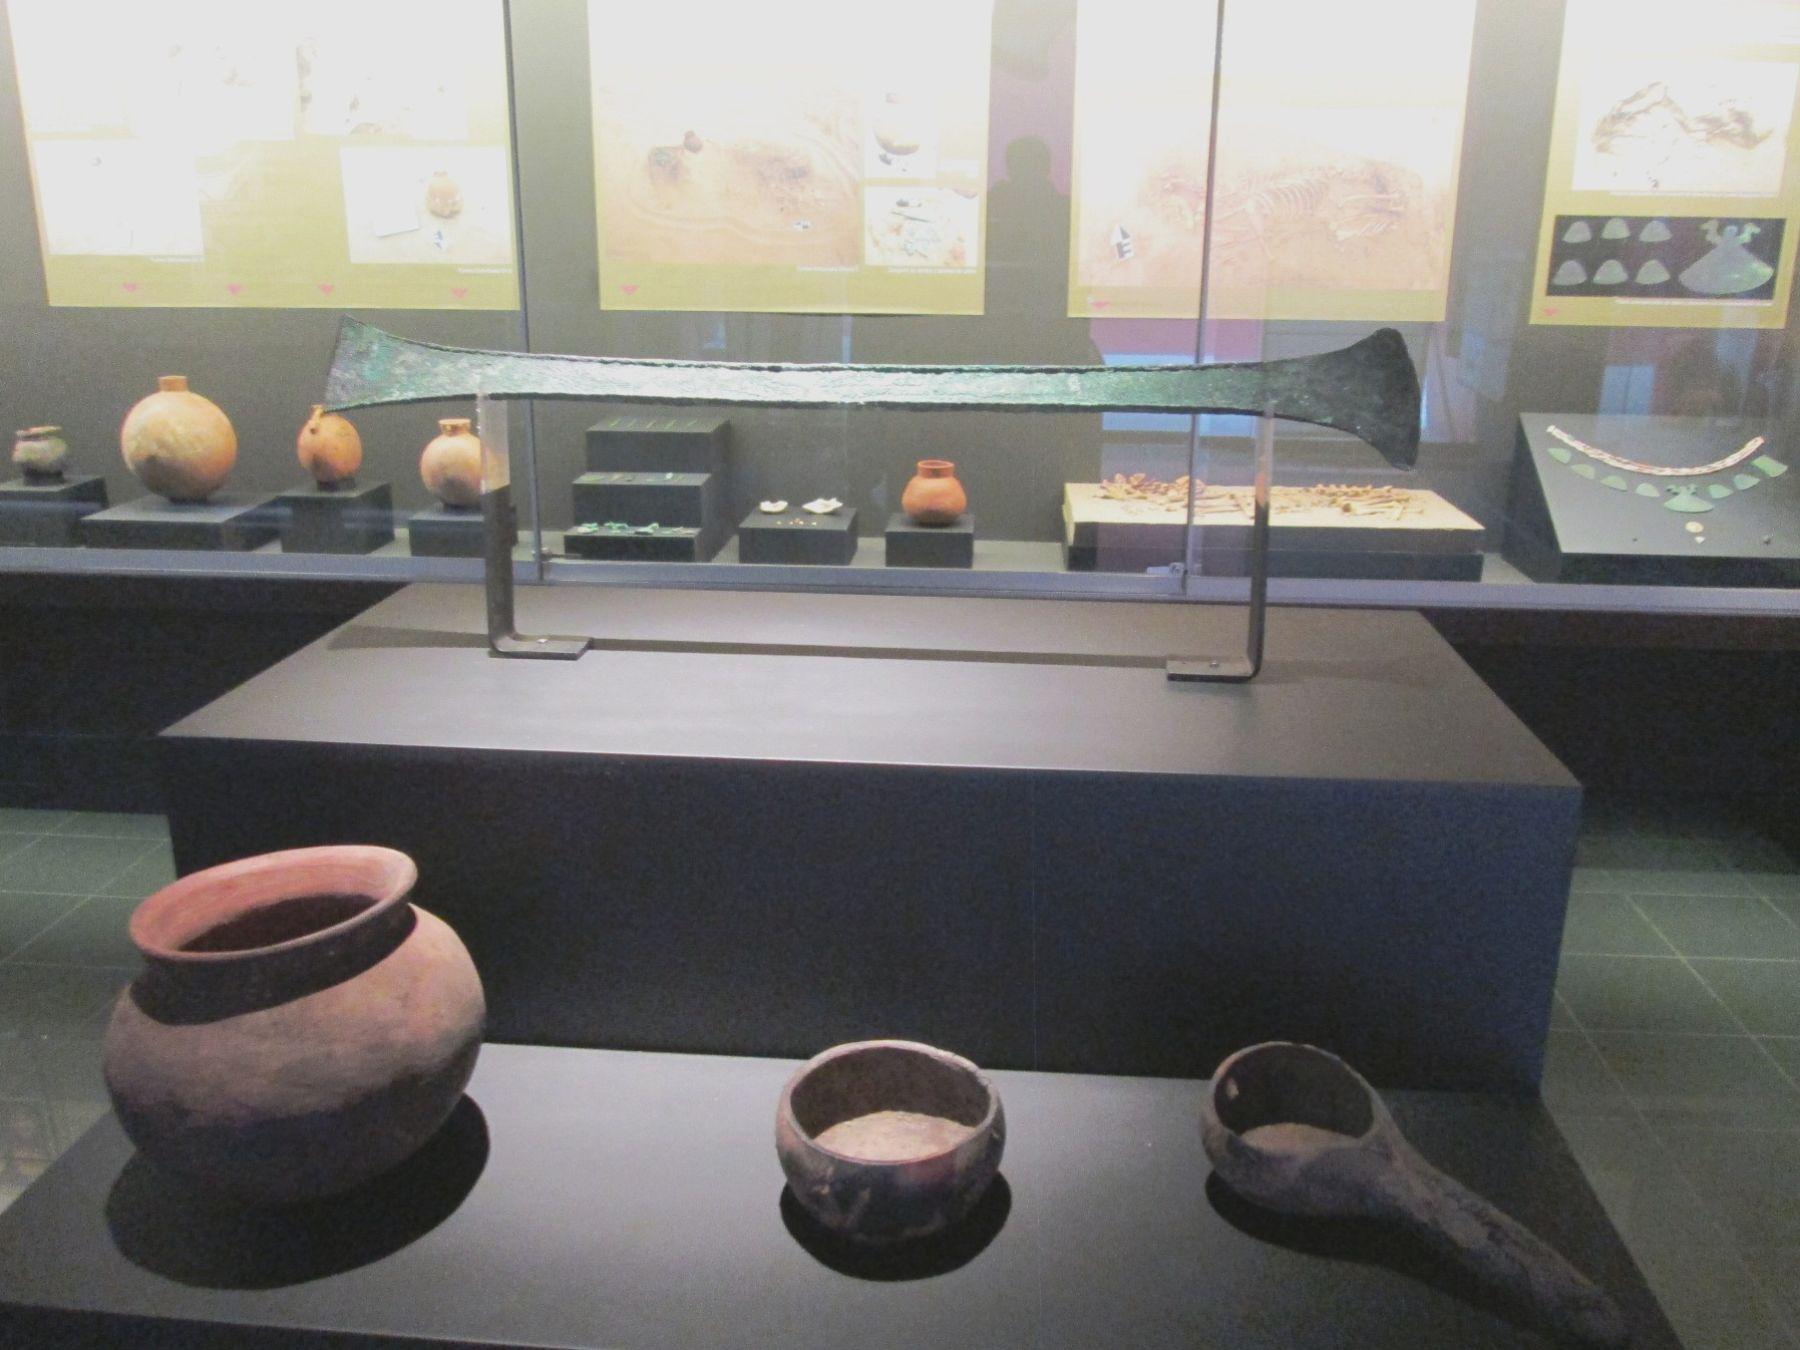 El museo de Sipán exhibe desde hoy piezas halladas en el complejo arqueológico El Chorro.